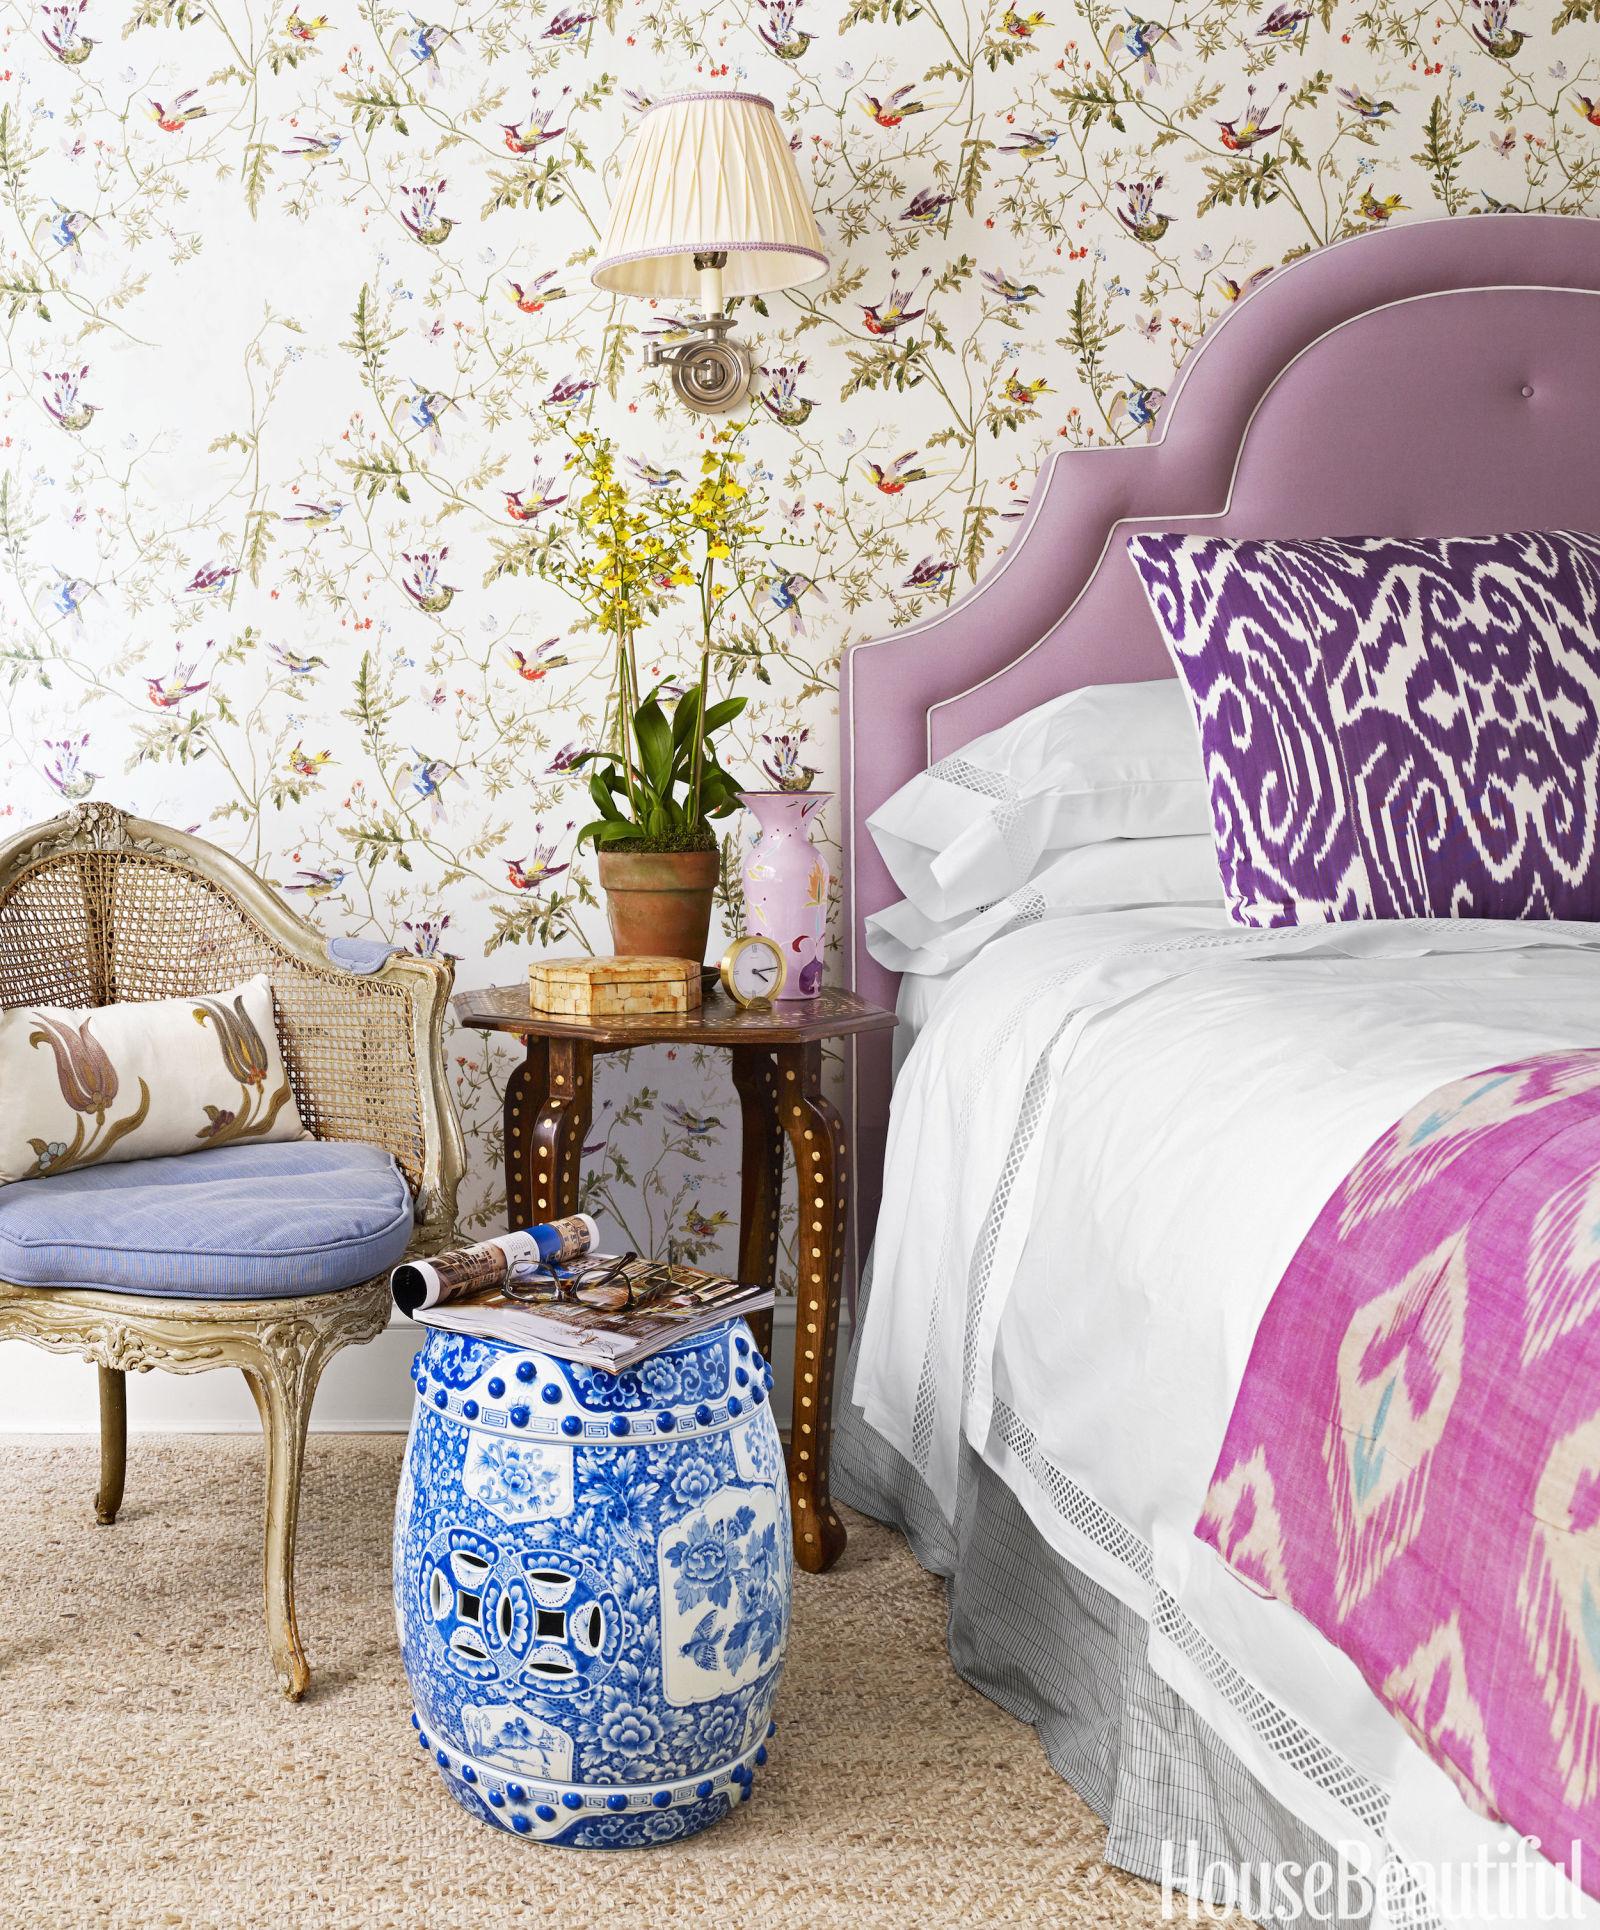 quarto-com-papel-de-parede-de-flores-e-roupa-de-cama-lilas